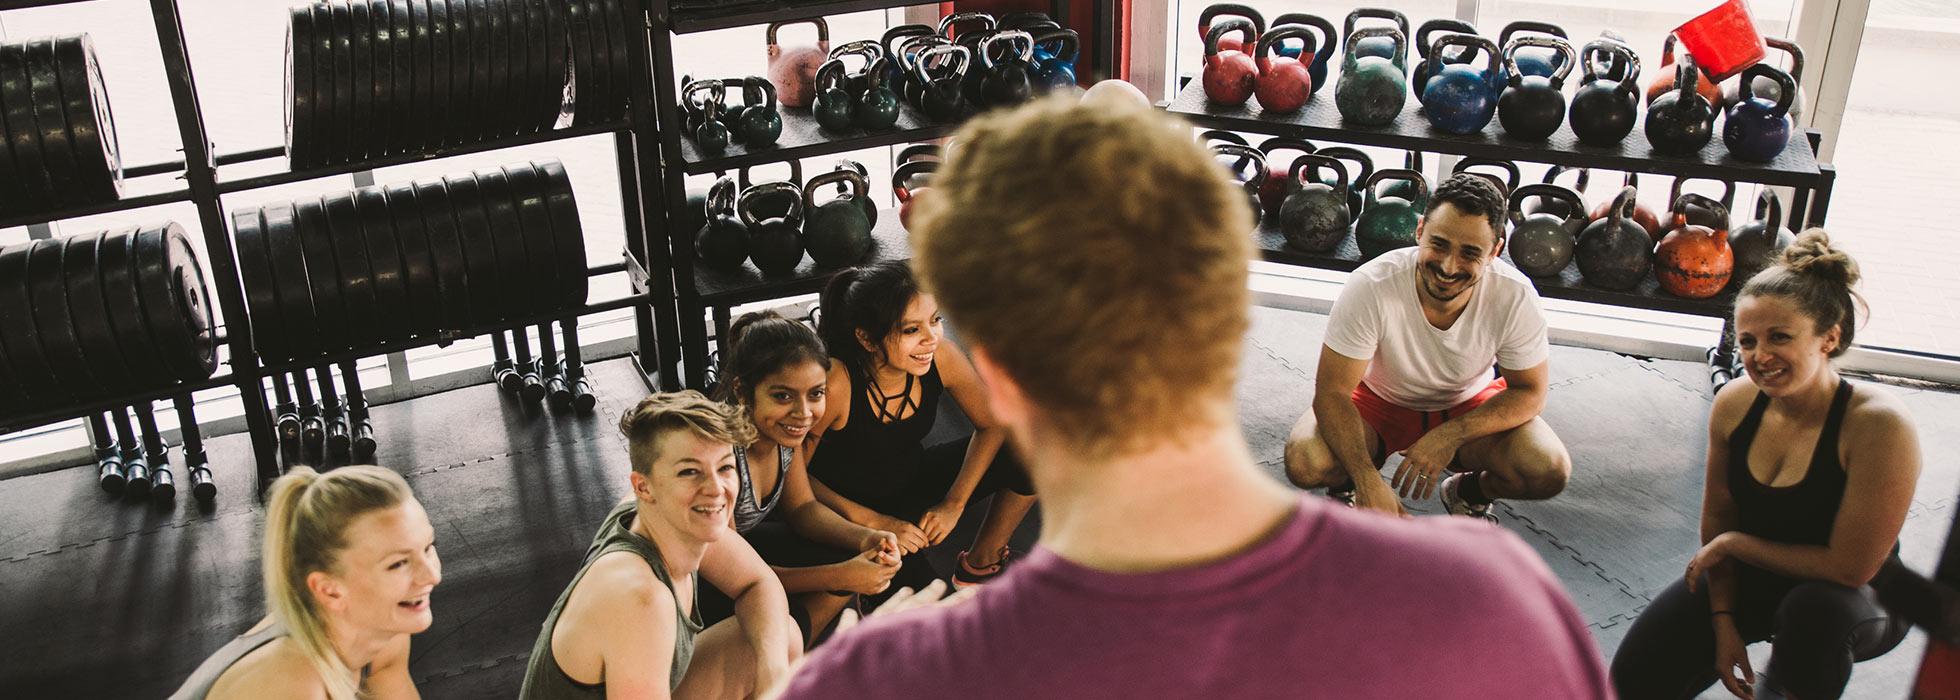 Top 5 Best Gyms To Join Near Winnsboro TX